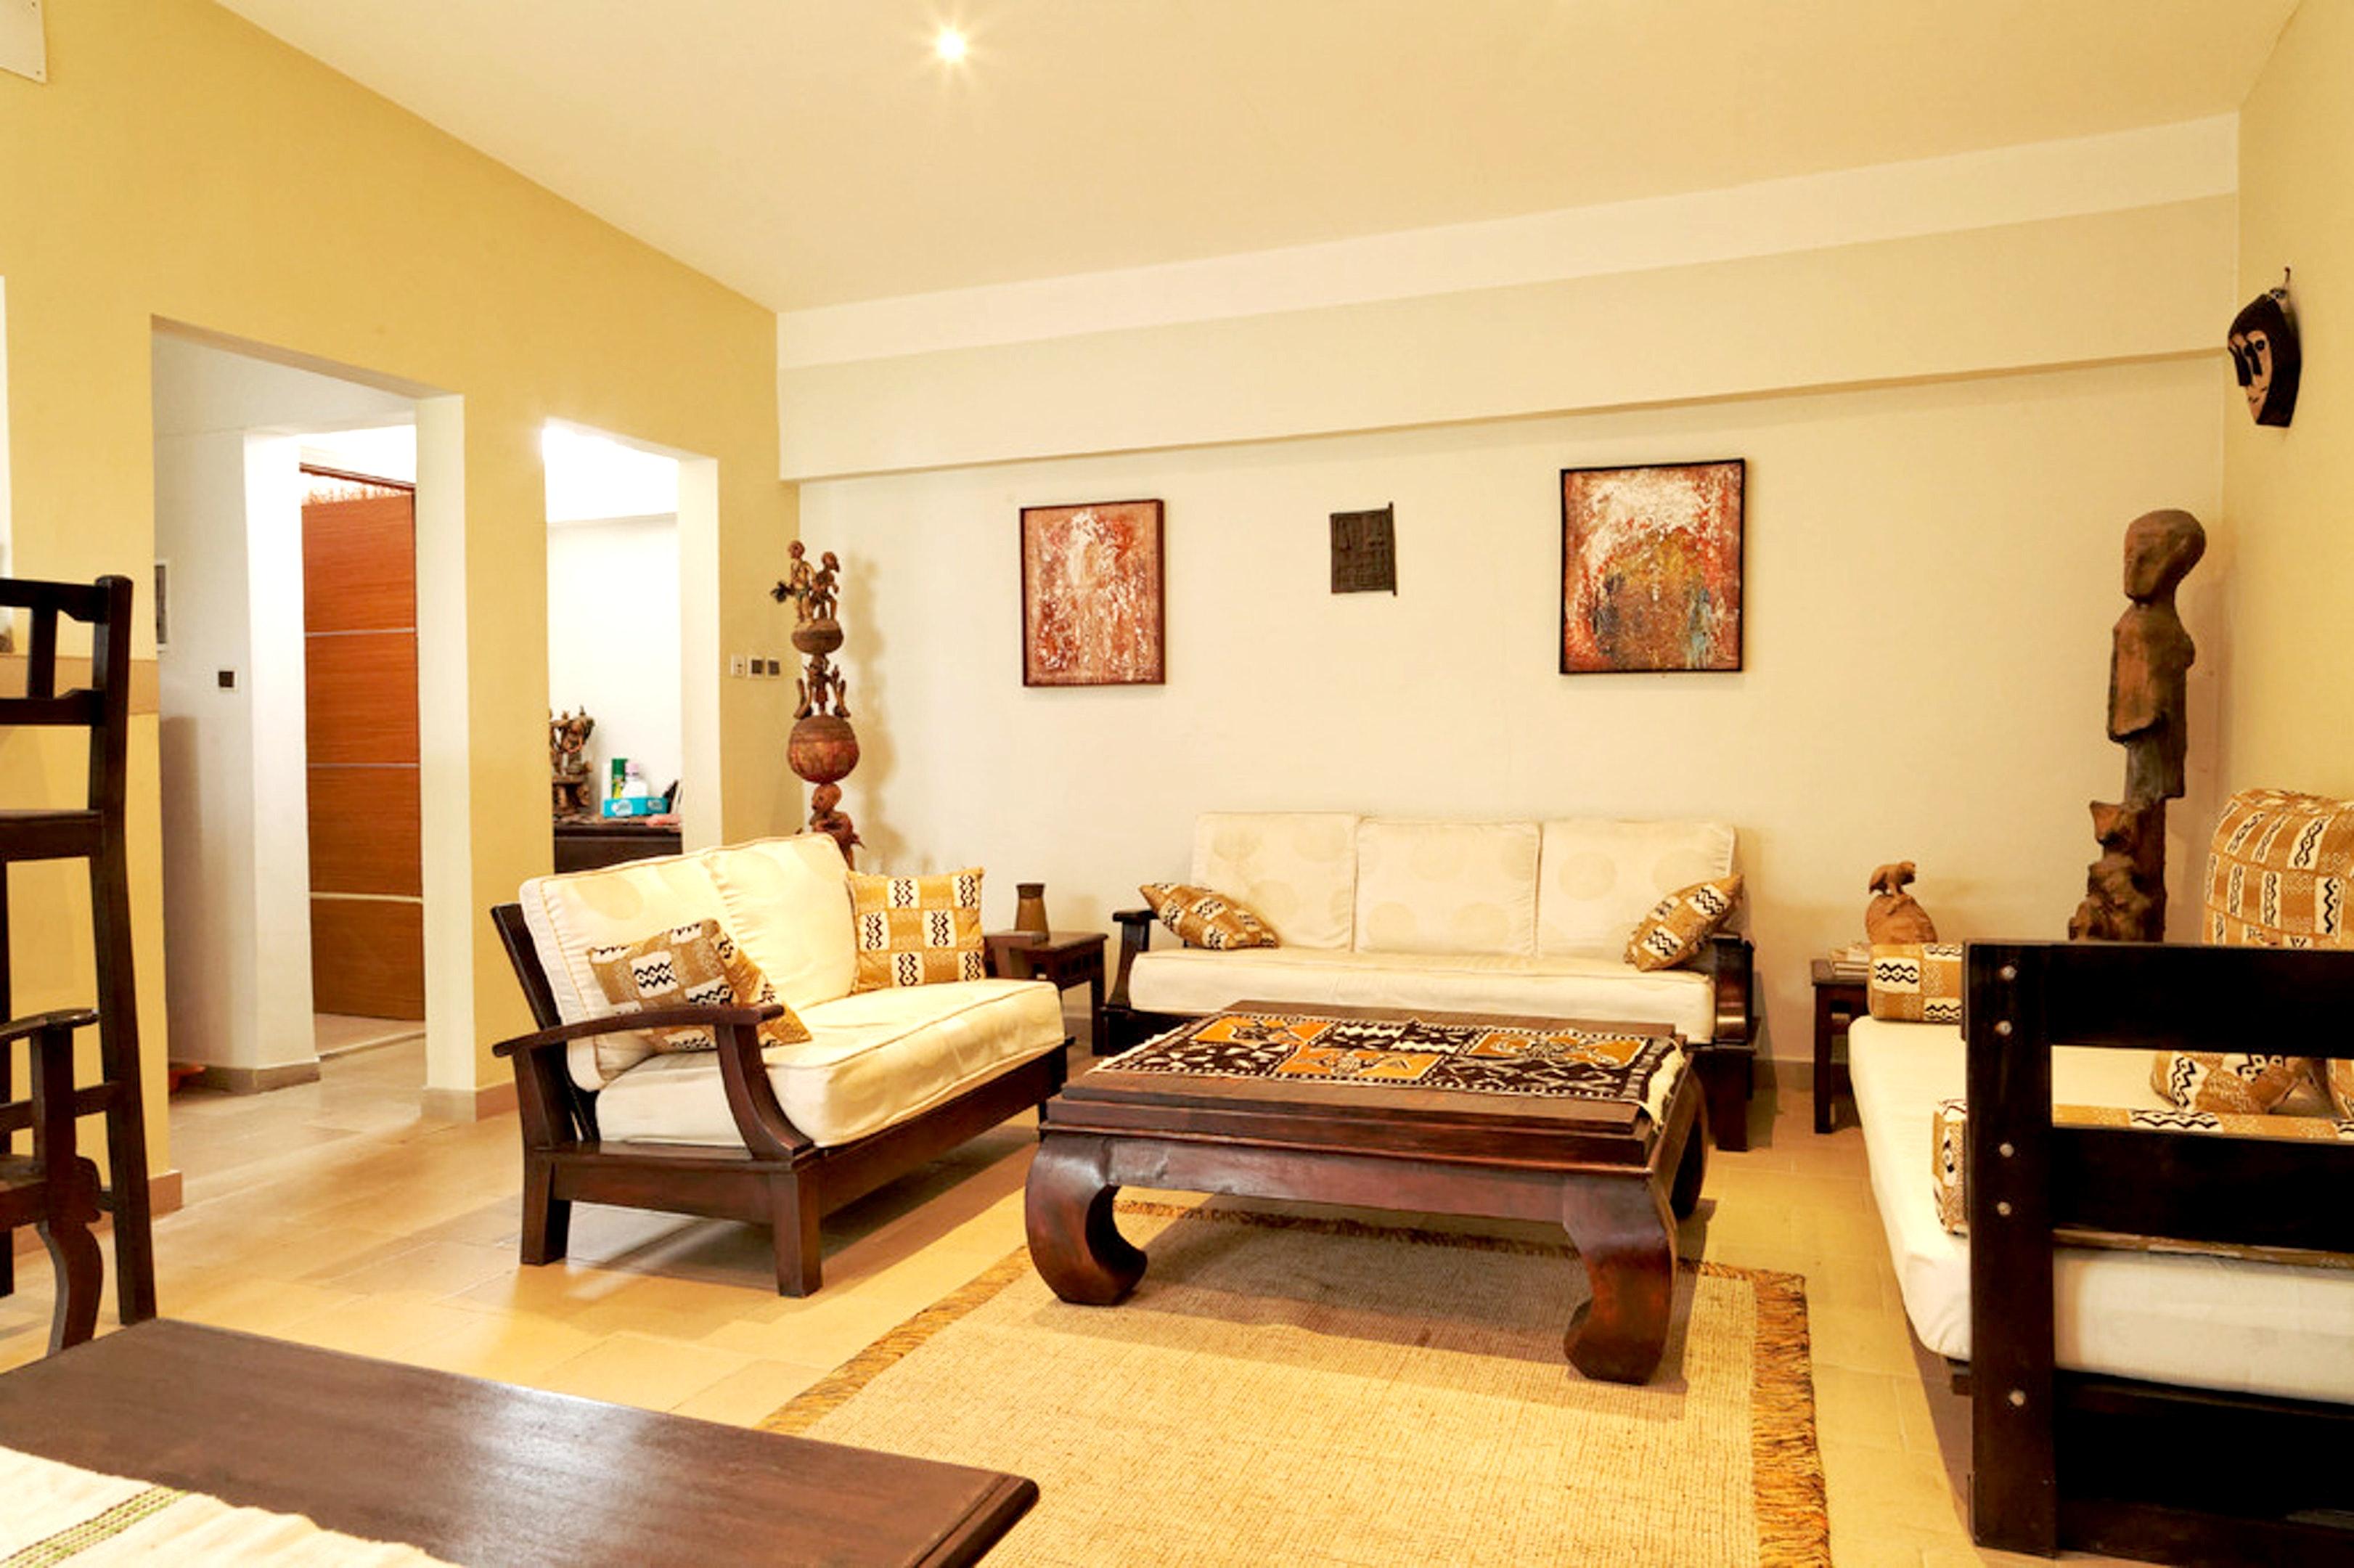 Haus mit 2 Schlafzimmern in Cotonou mit eingez&aum Ferienhaus in Afrika